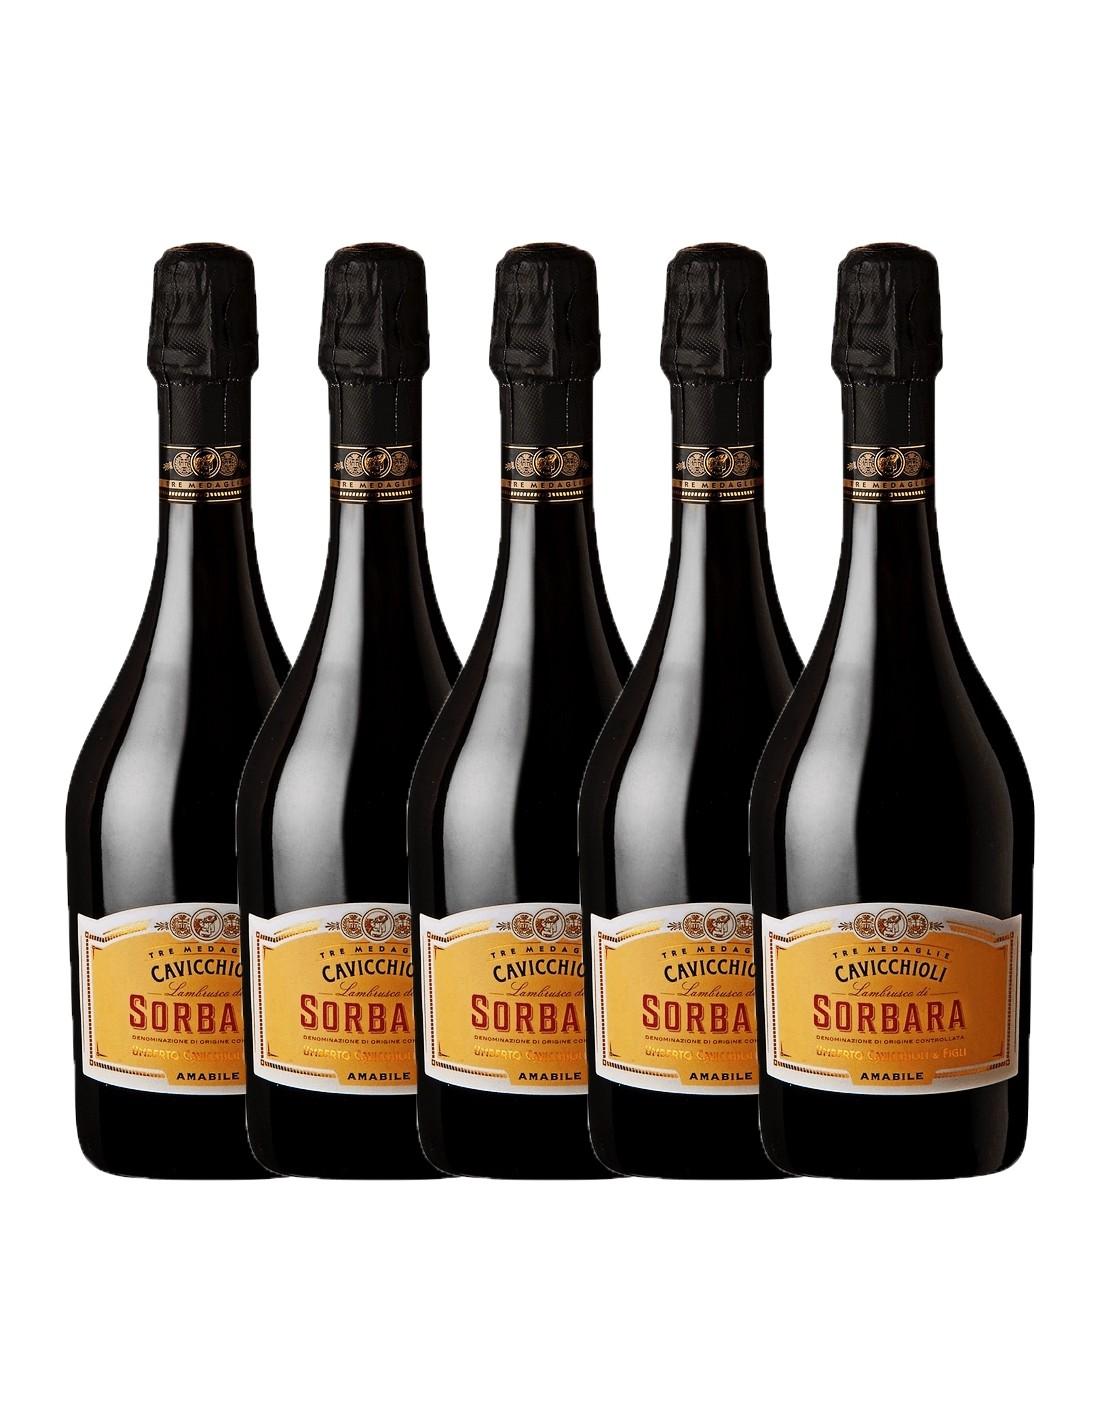 Pachet 5 sticle Vin frizzante Cavicchioli Sorbara Amabile, 8% alc., 0.75L, Italia